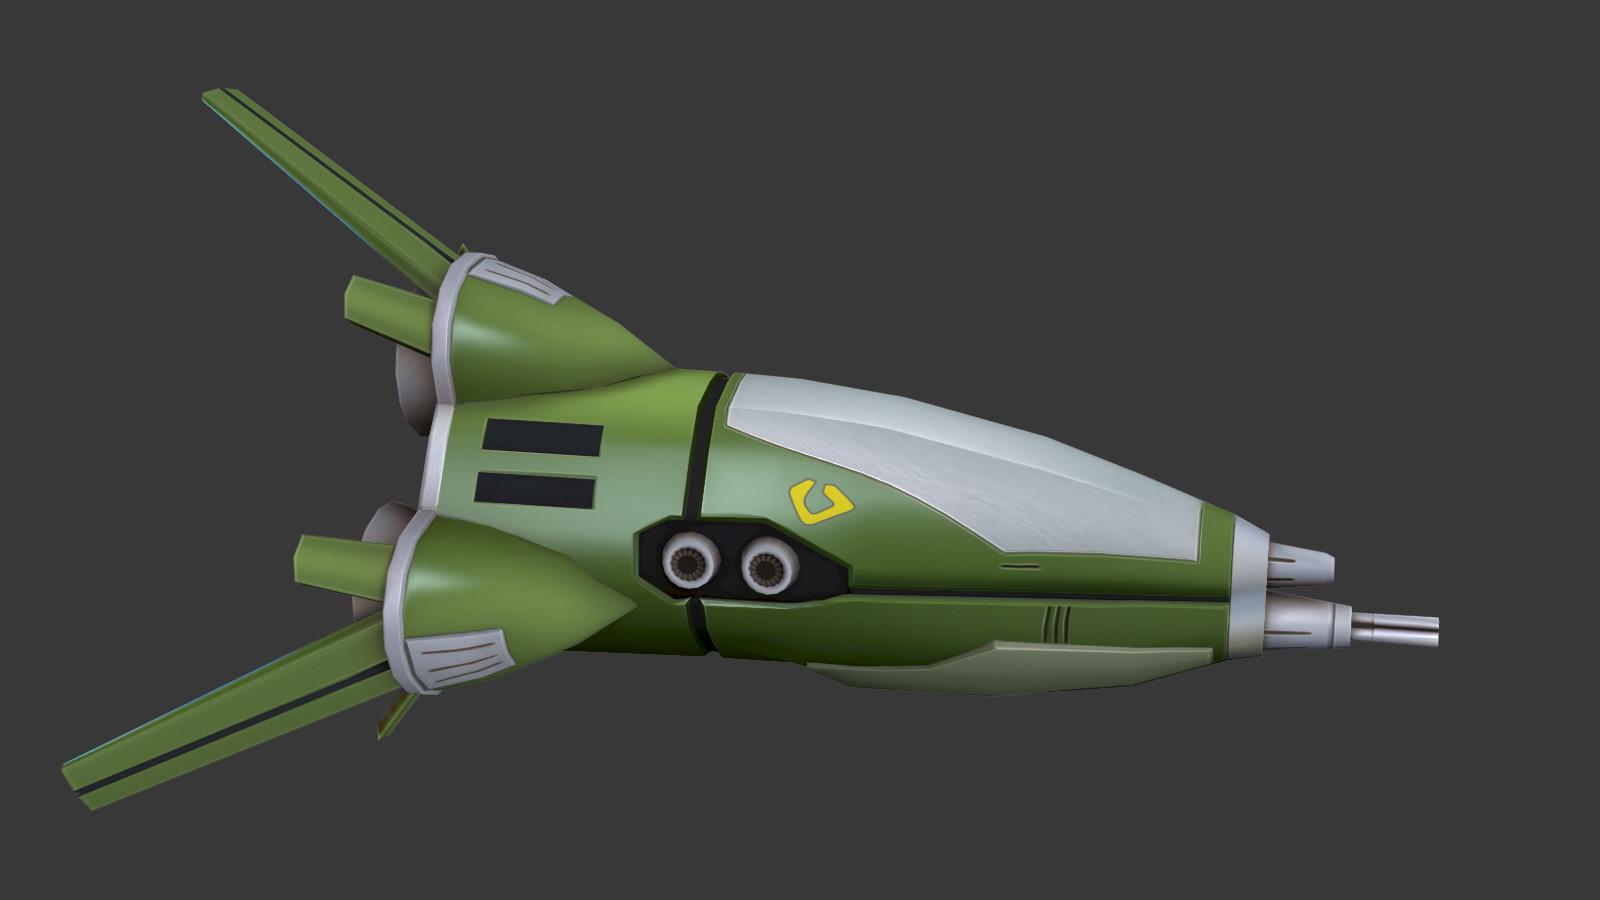 Oziel leal salinas zentraedi fighter pod 1